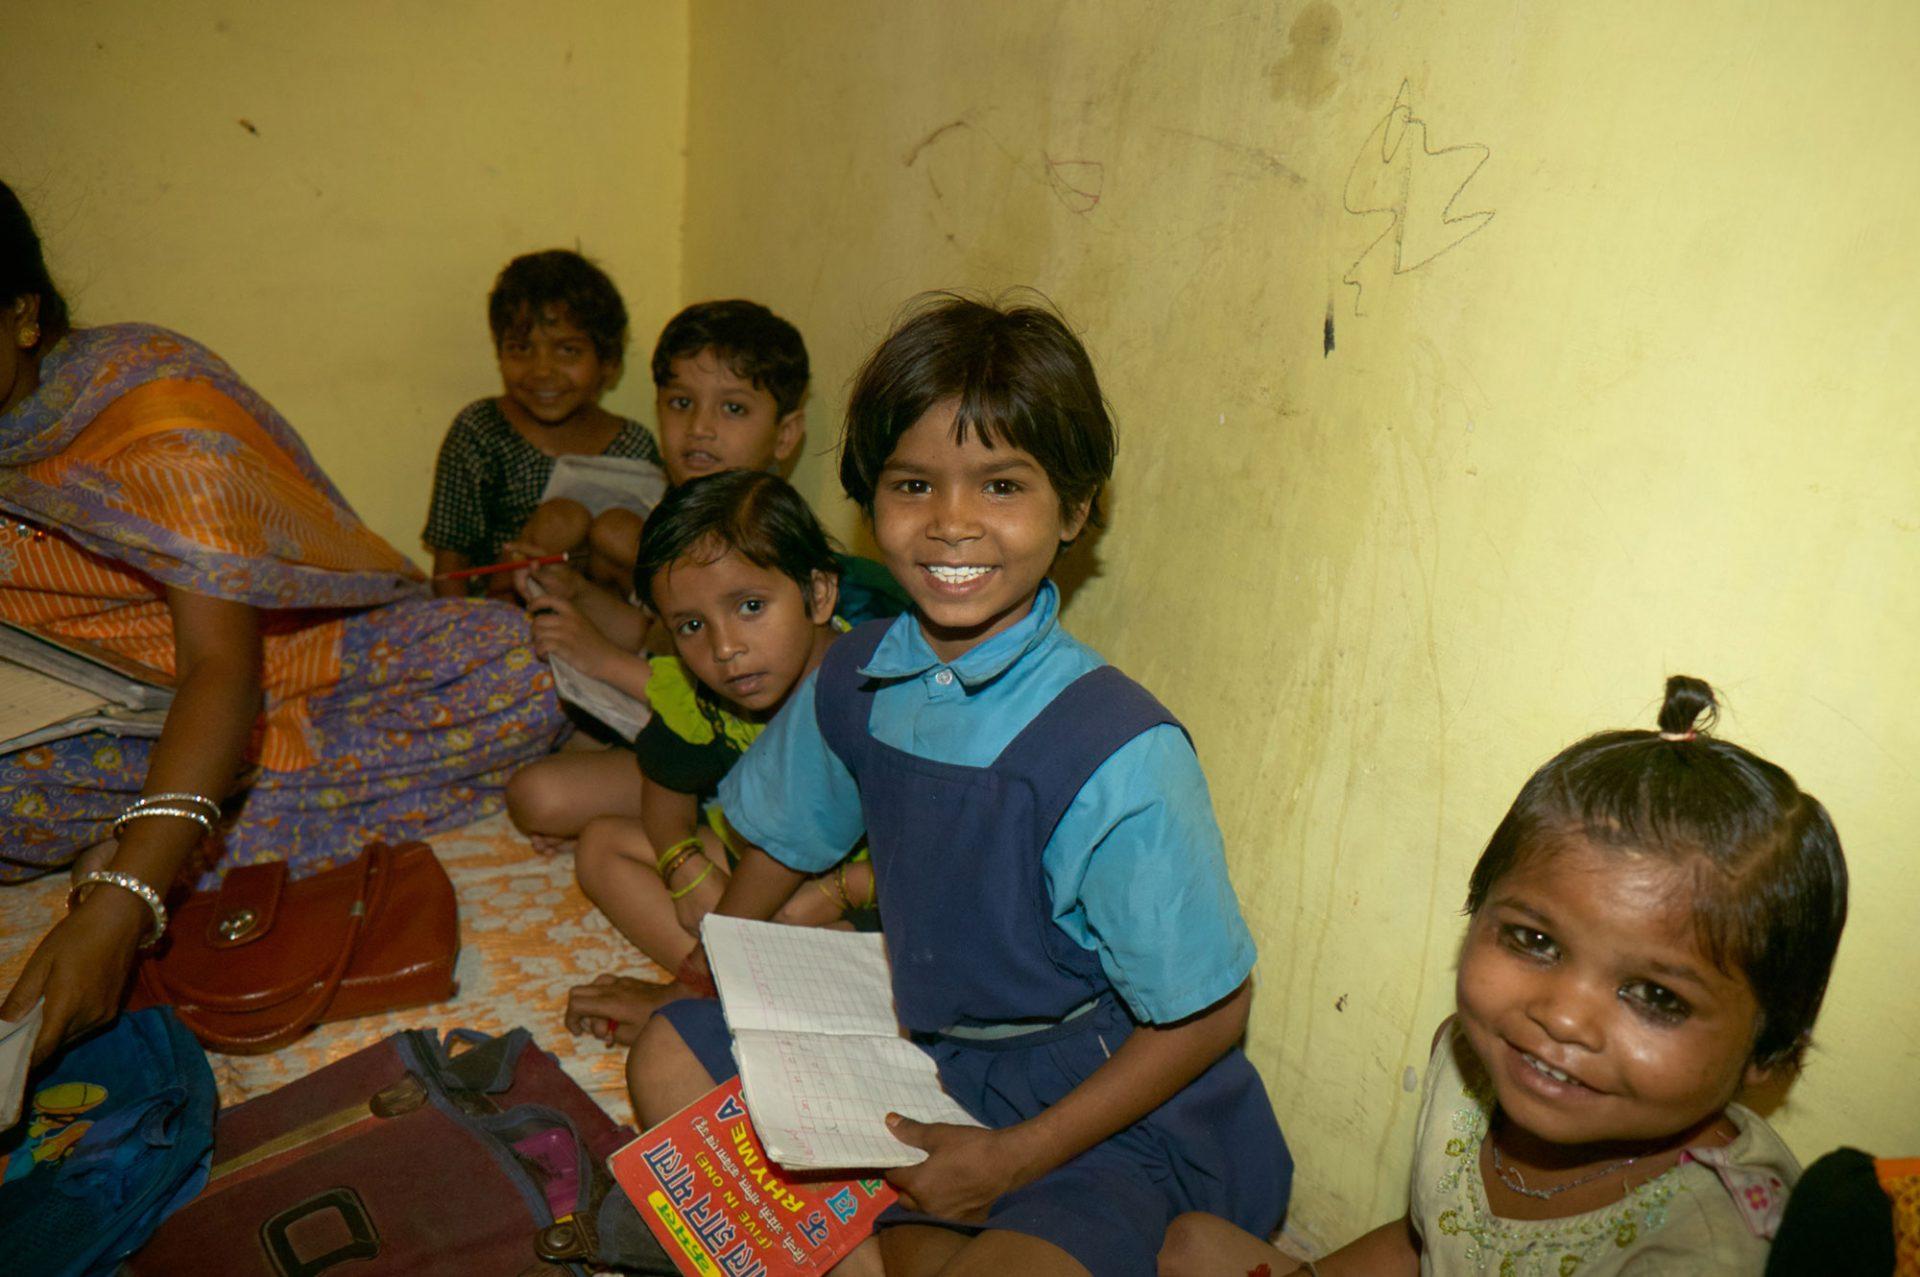 Kinder schauen in die Kamera, das Bild entband in einer Schule in Indien.